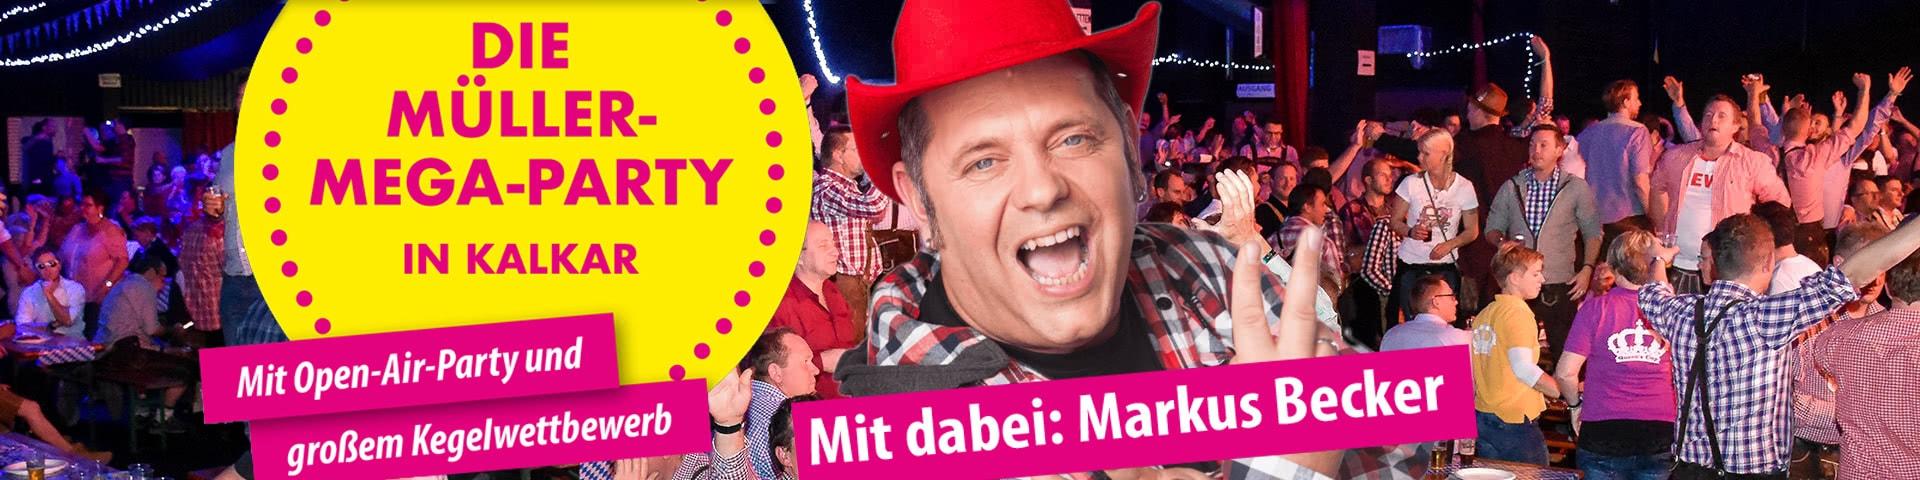 Die Müller-Mega-Party in Kalkar mit Markus Becker